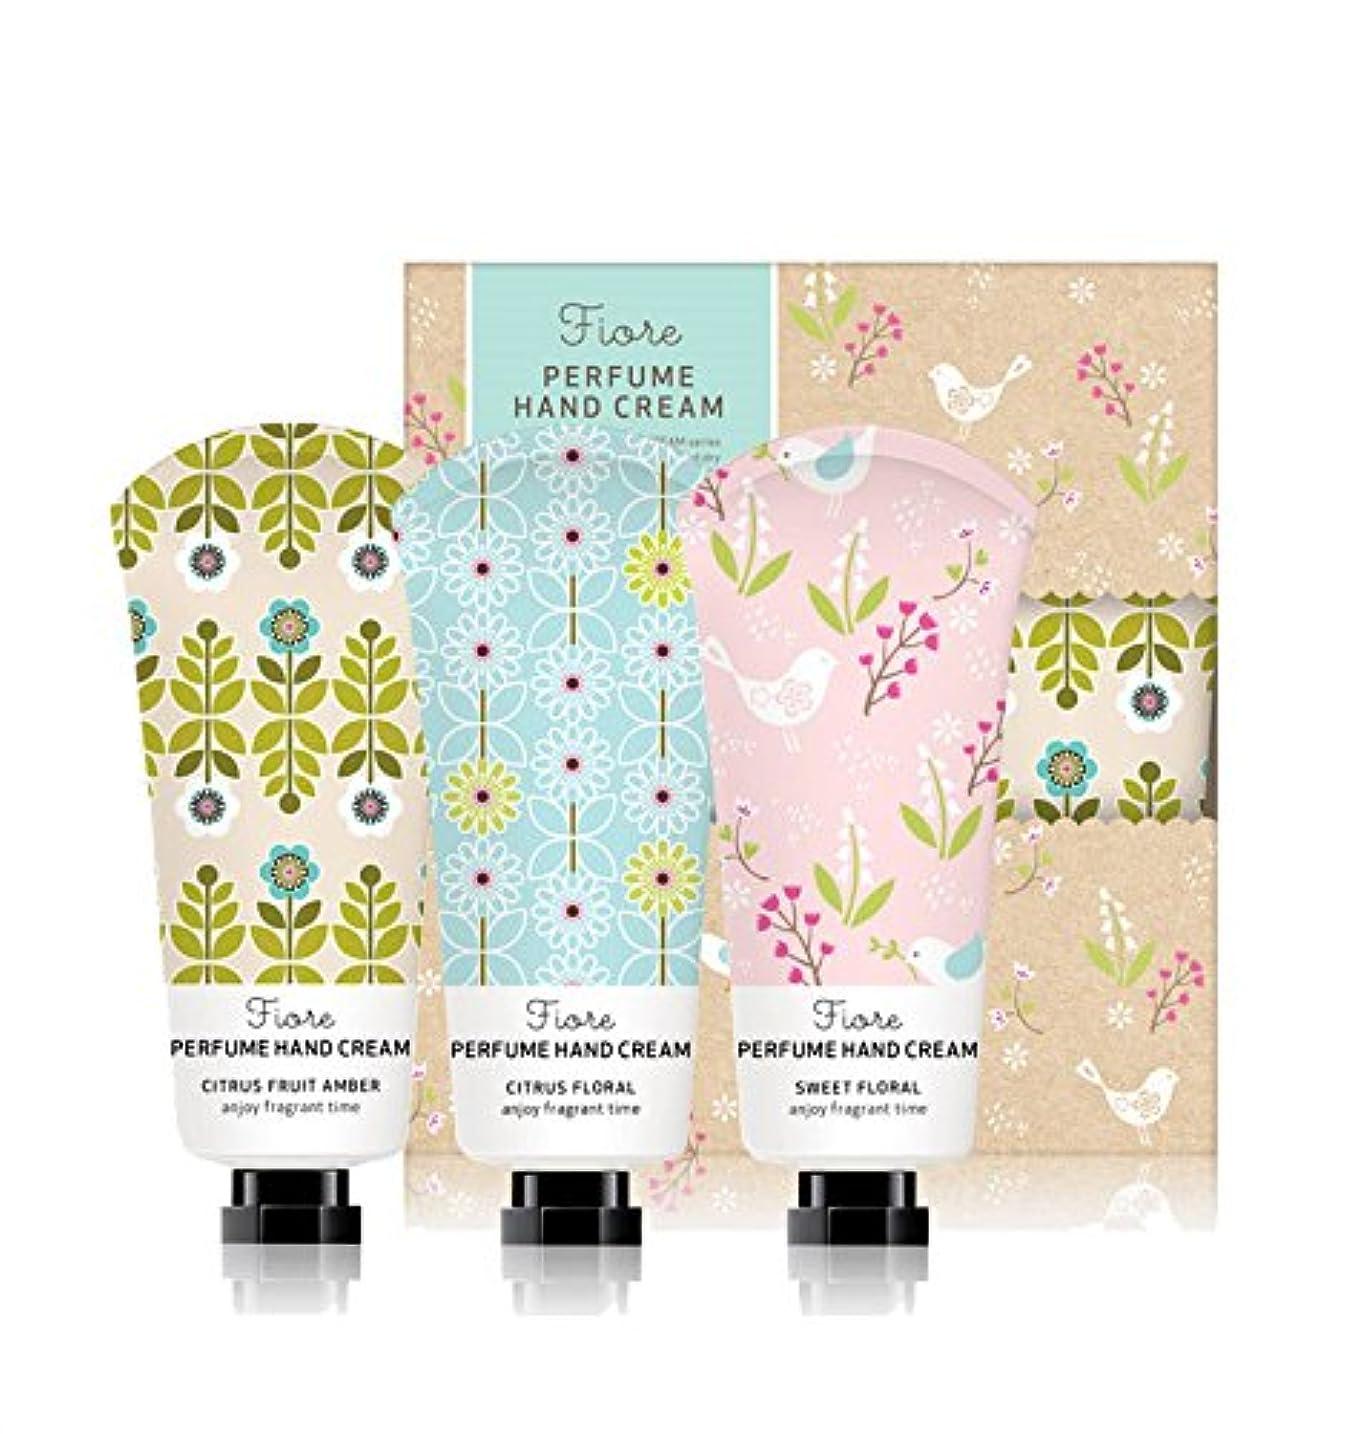 カウンタホールドオールごちそう[Fiore★ギフト用紙袋贈呈] パフュームハンドクリーム?スペシャルセット 60g x 3個セット / Perfume Hand Cream Specail Set